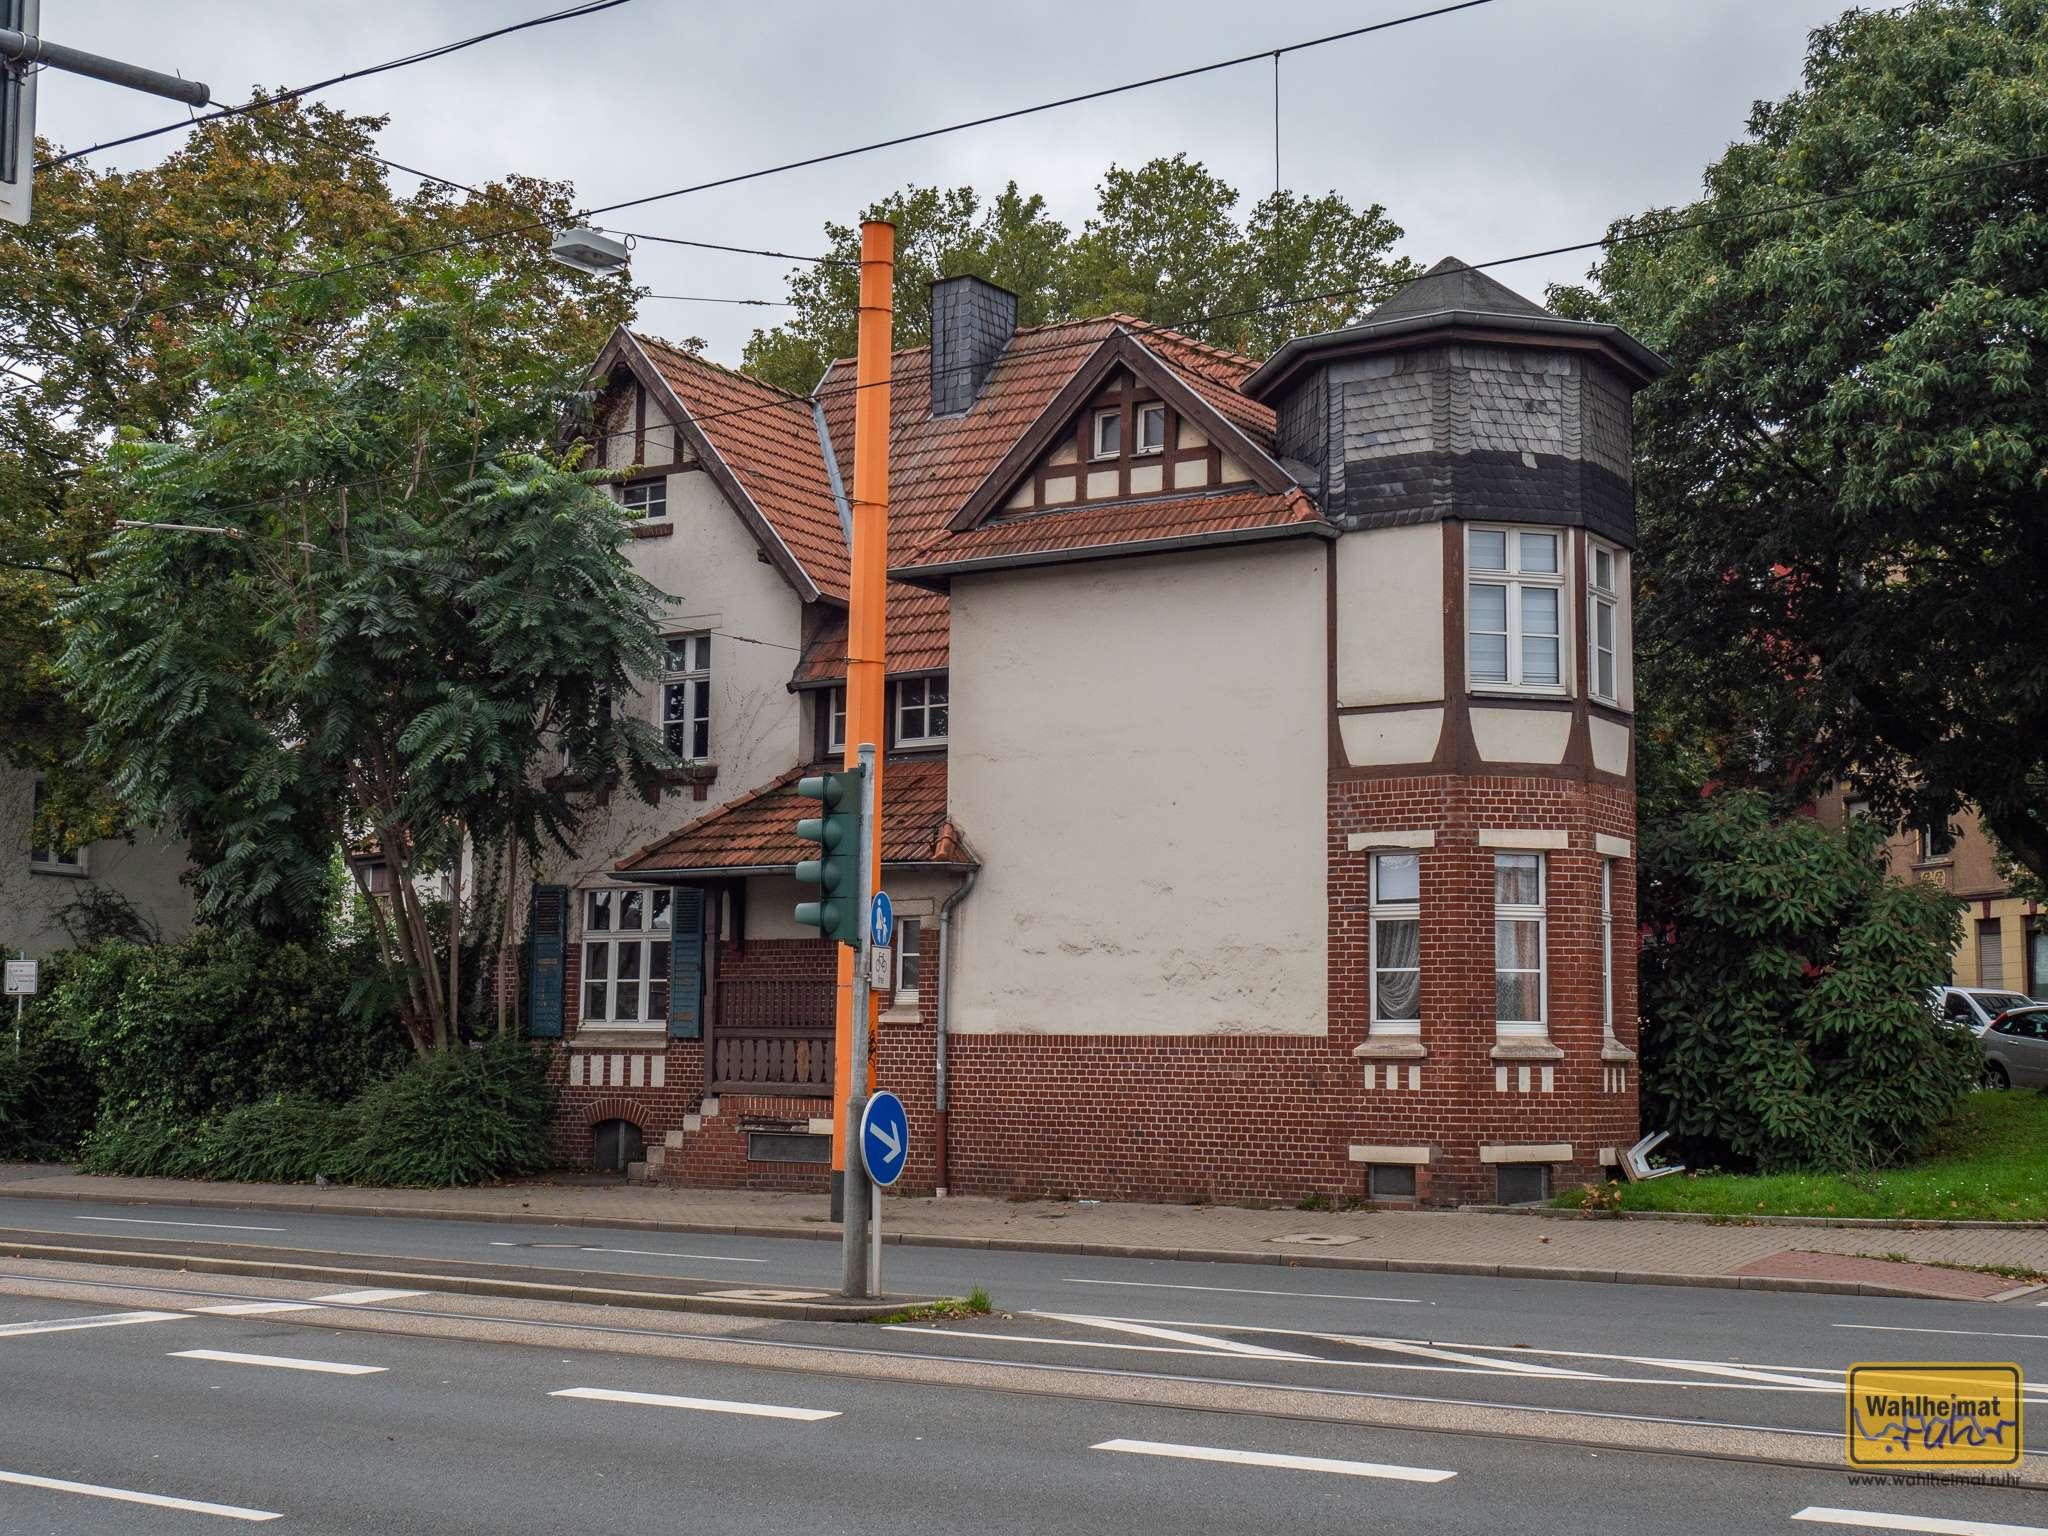 ...einem Haus, in dem einer der Protagonisten der App sein Zuhause gehabt haben könnte: Haus Hübel. Direkt am Werksgelände wohnten hier Beamte des Bochumer Vereins und deren Angestellte. Mitten in der Stadt Bochum übersieht man dieses Gebäude leicht - ein guter Hinweis aus der App!